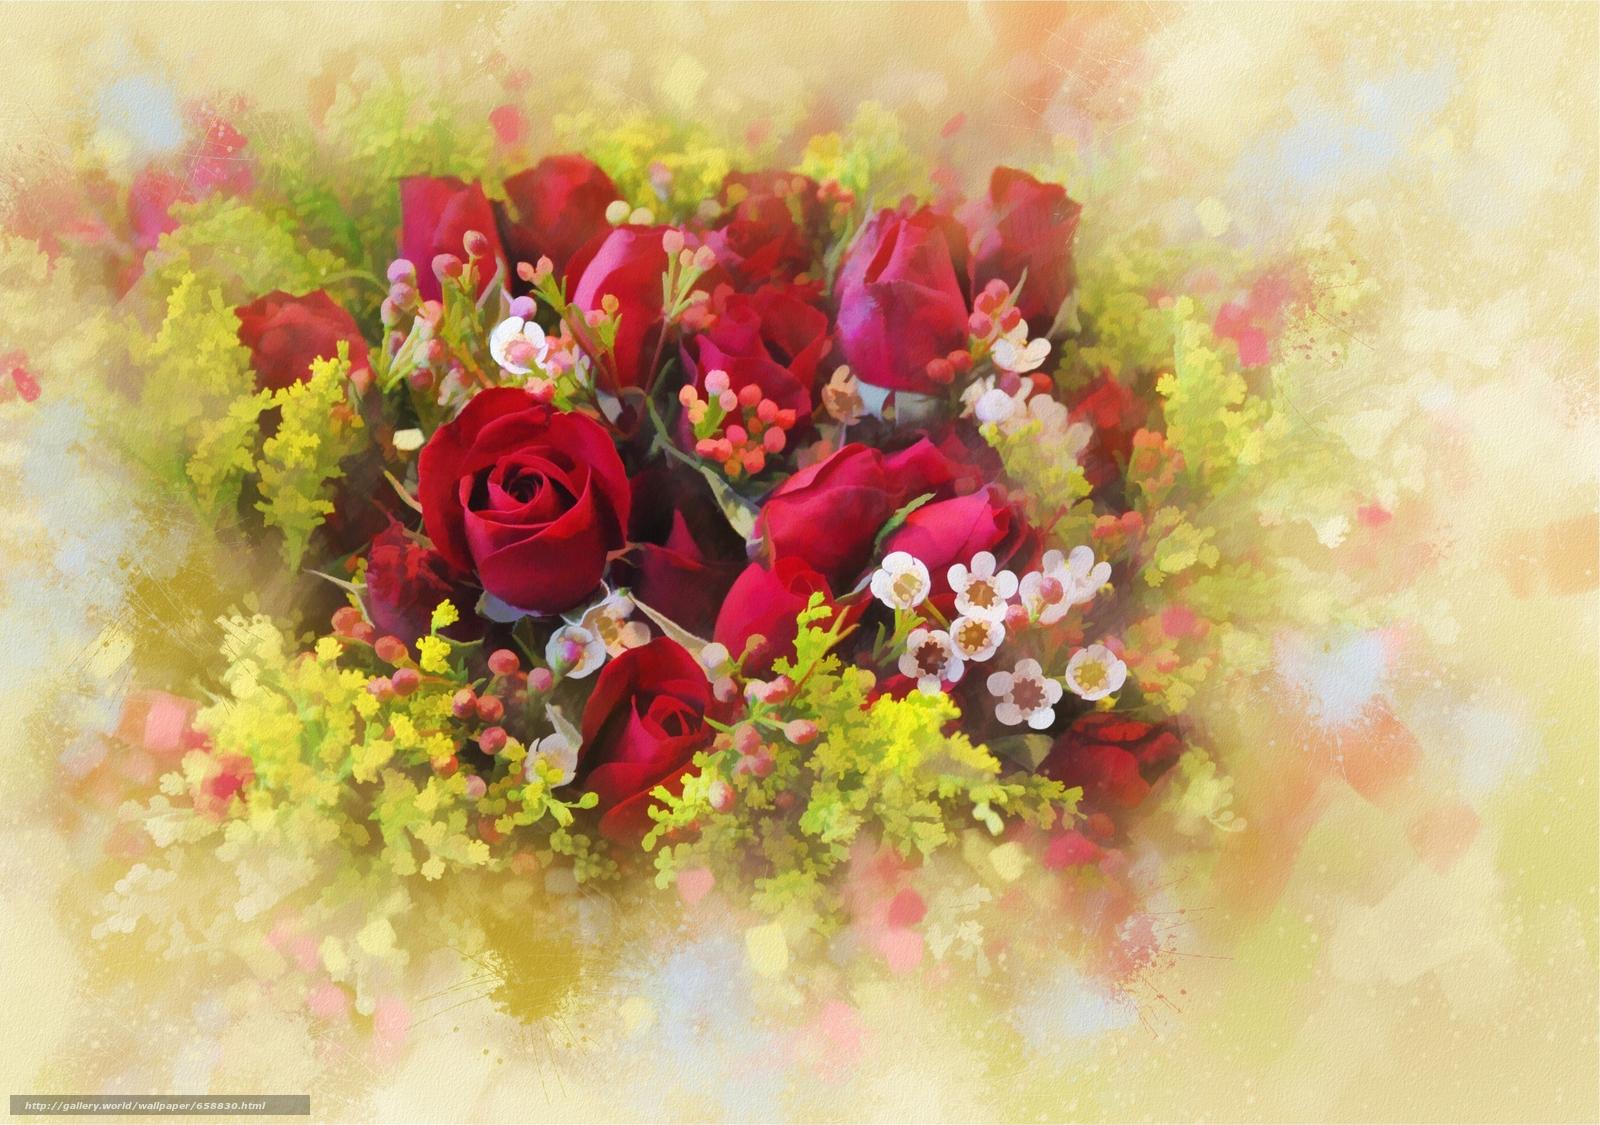 нарисованные розы обои для рабочего стола № 480957 загрузить